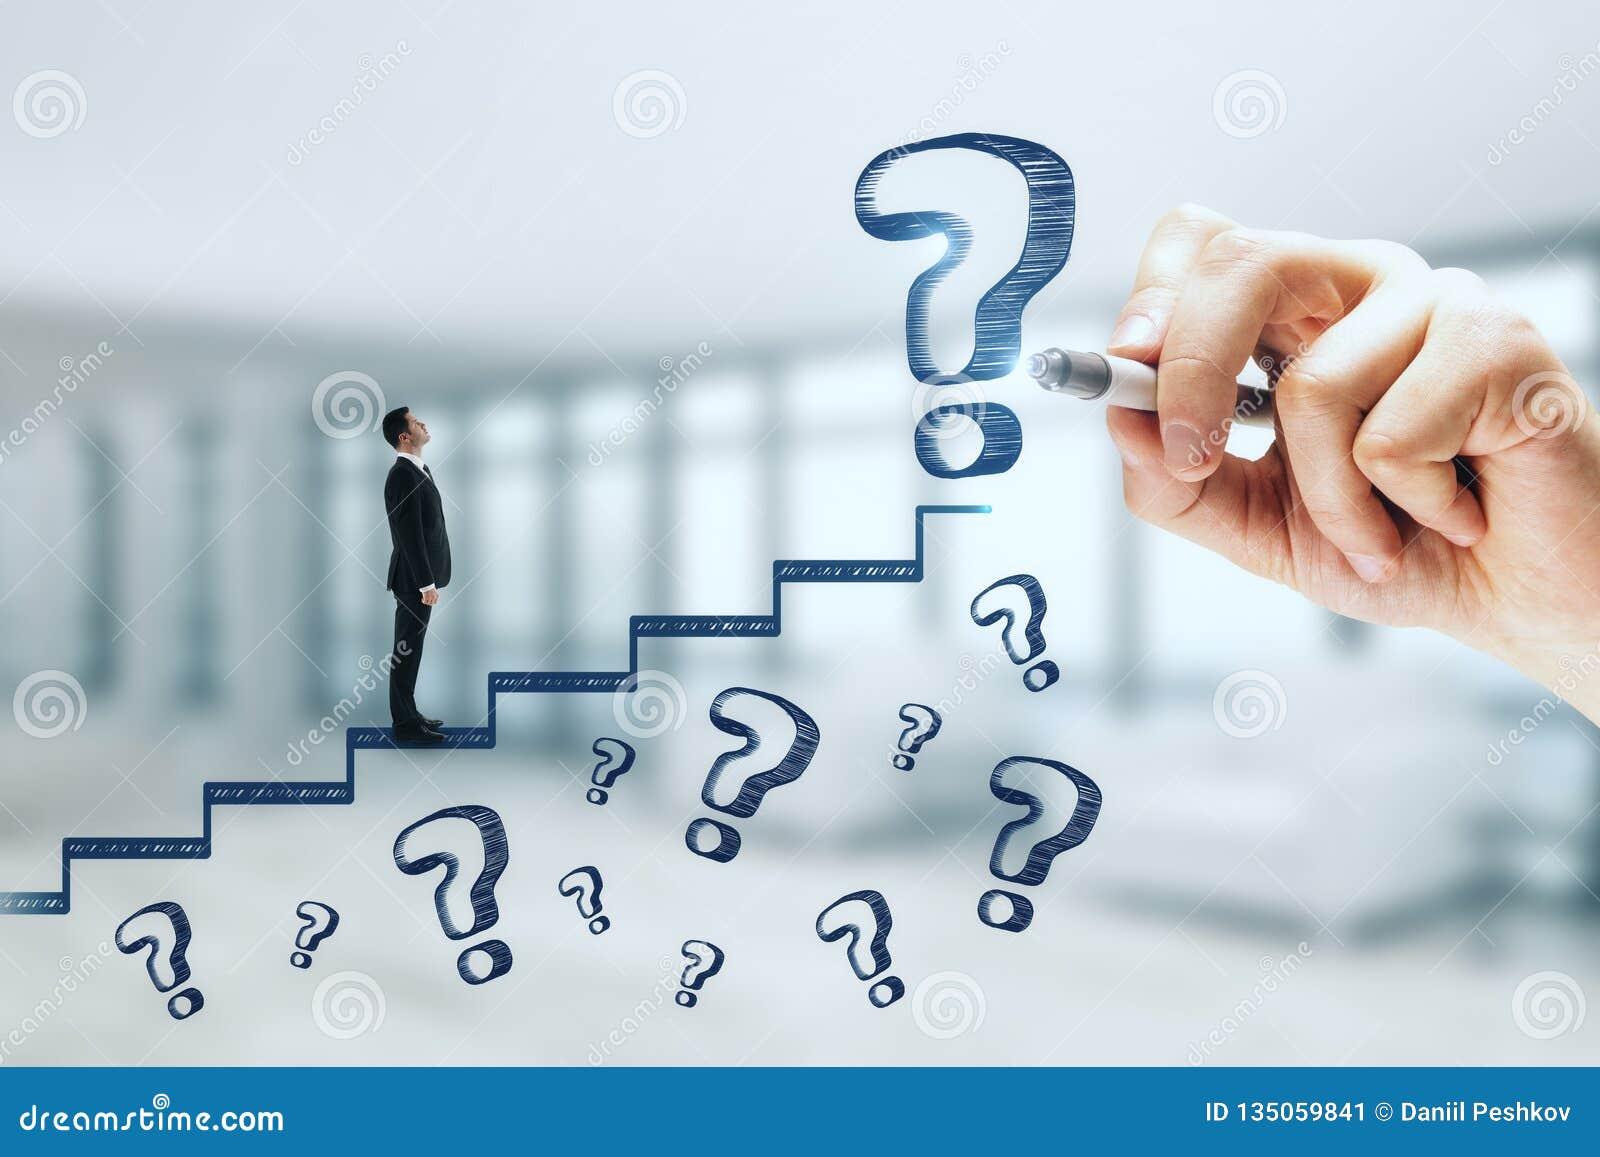 Promozione di carriera e concetto di dubbio